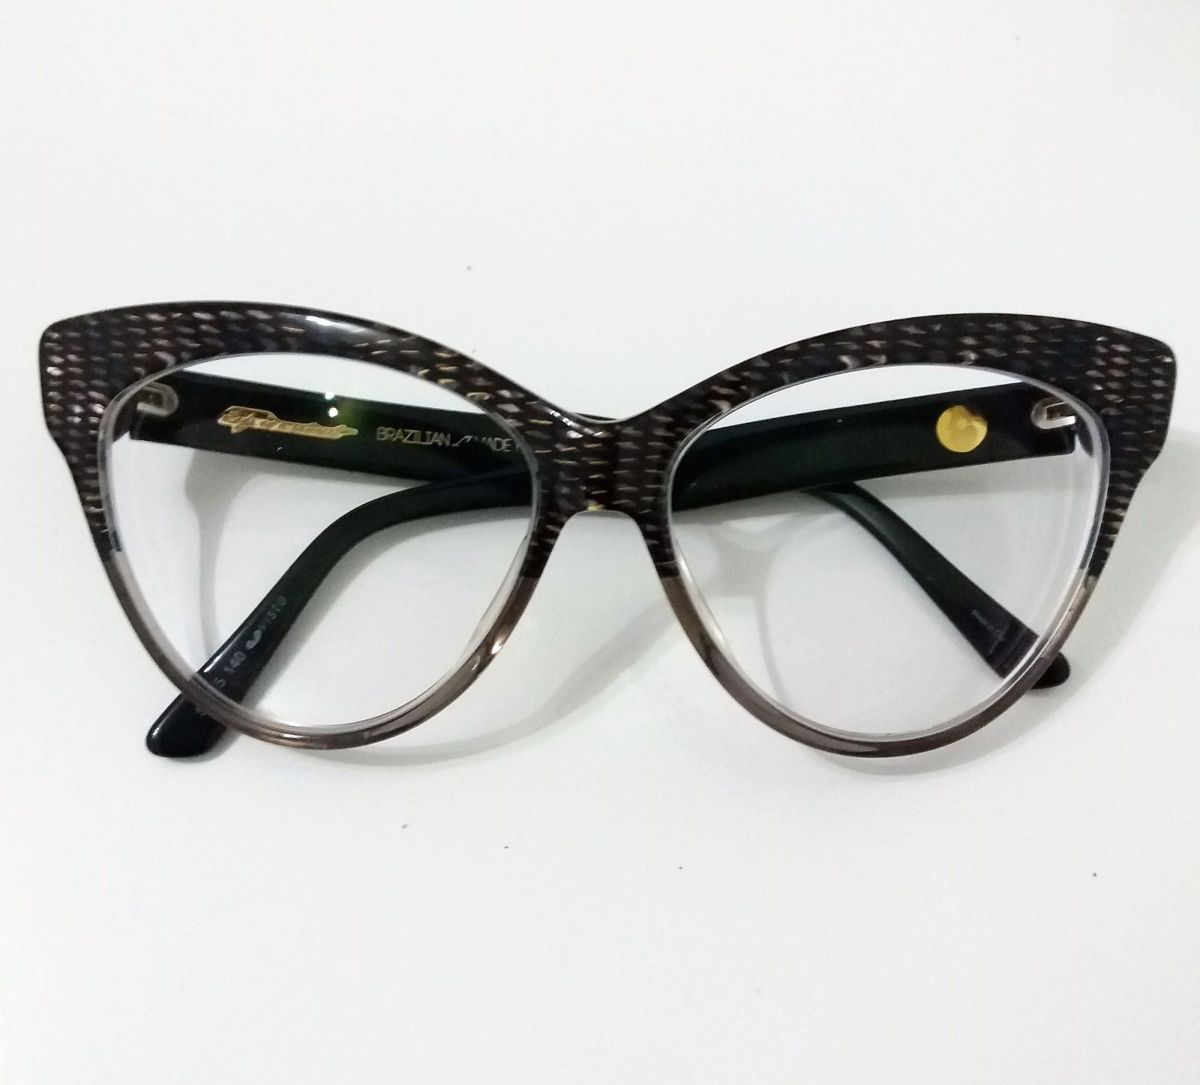 82b27f5b8 Armação Óculos Chilli Beans   Óculos Feminino Chilli Beans Usado ...